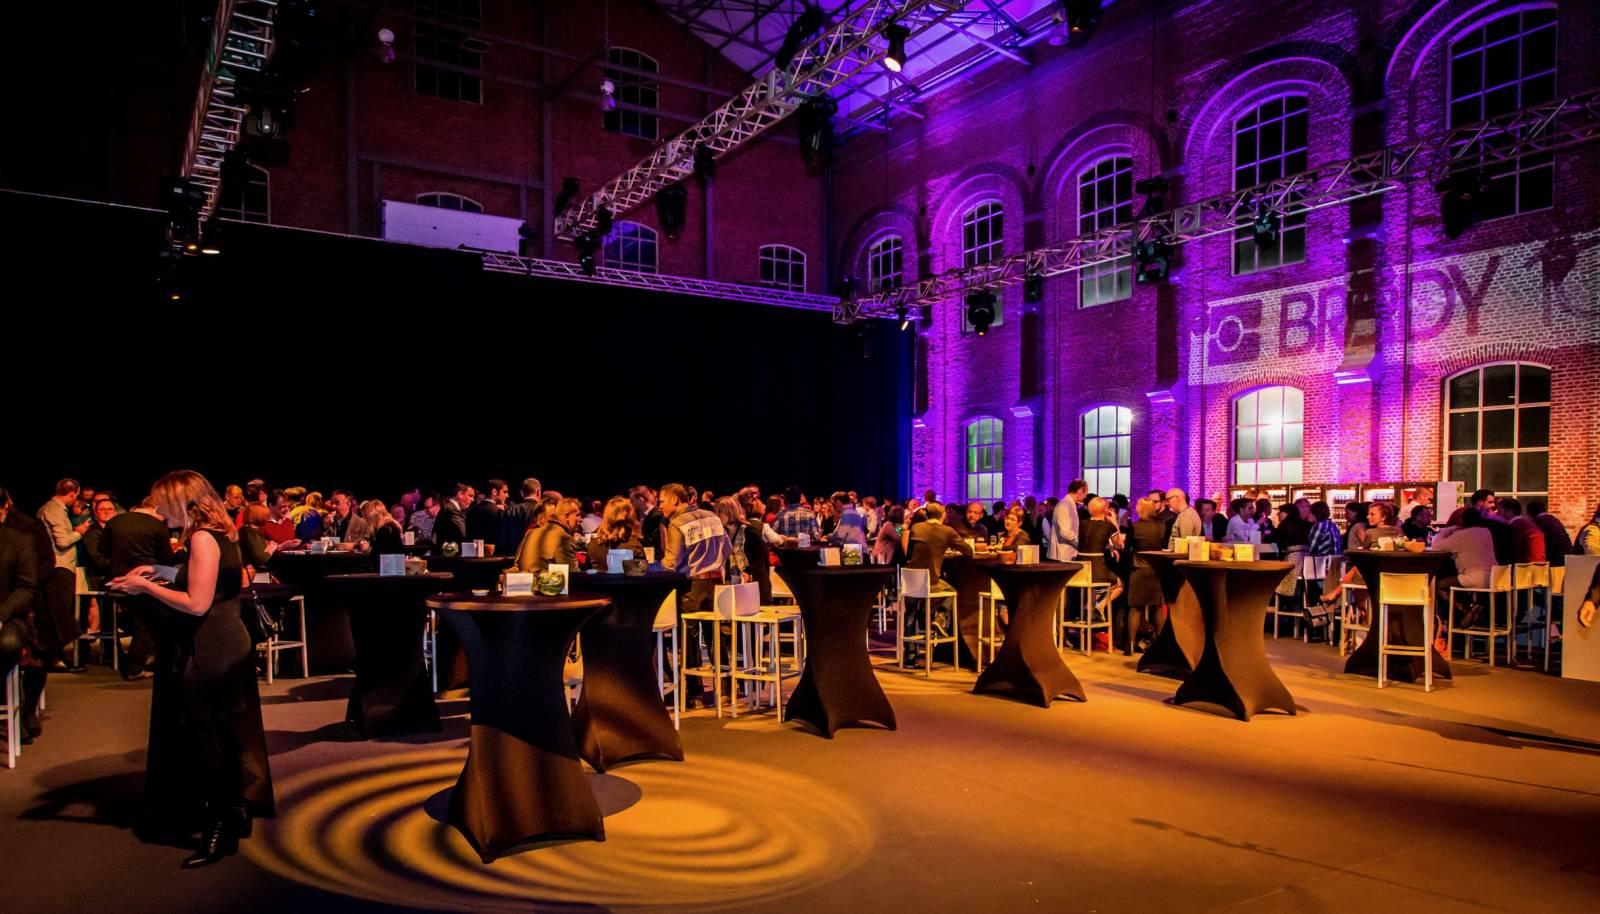 Hangar 43 - Feestzaal - Feestlocatie - Industrieel - Dendermonde (Antwerpen) - House of Events - 15